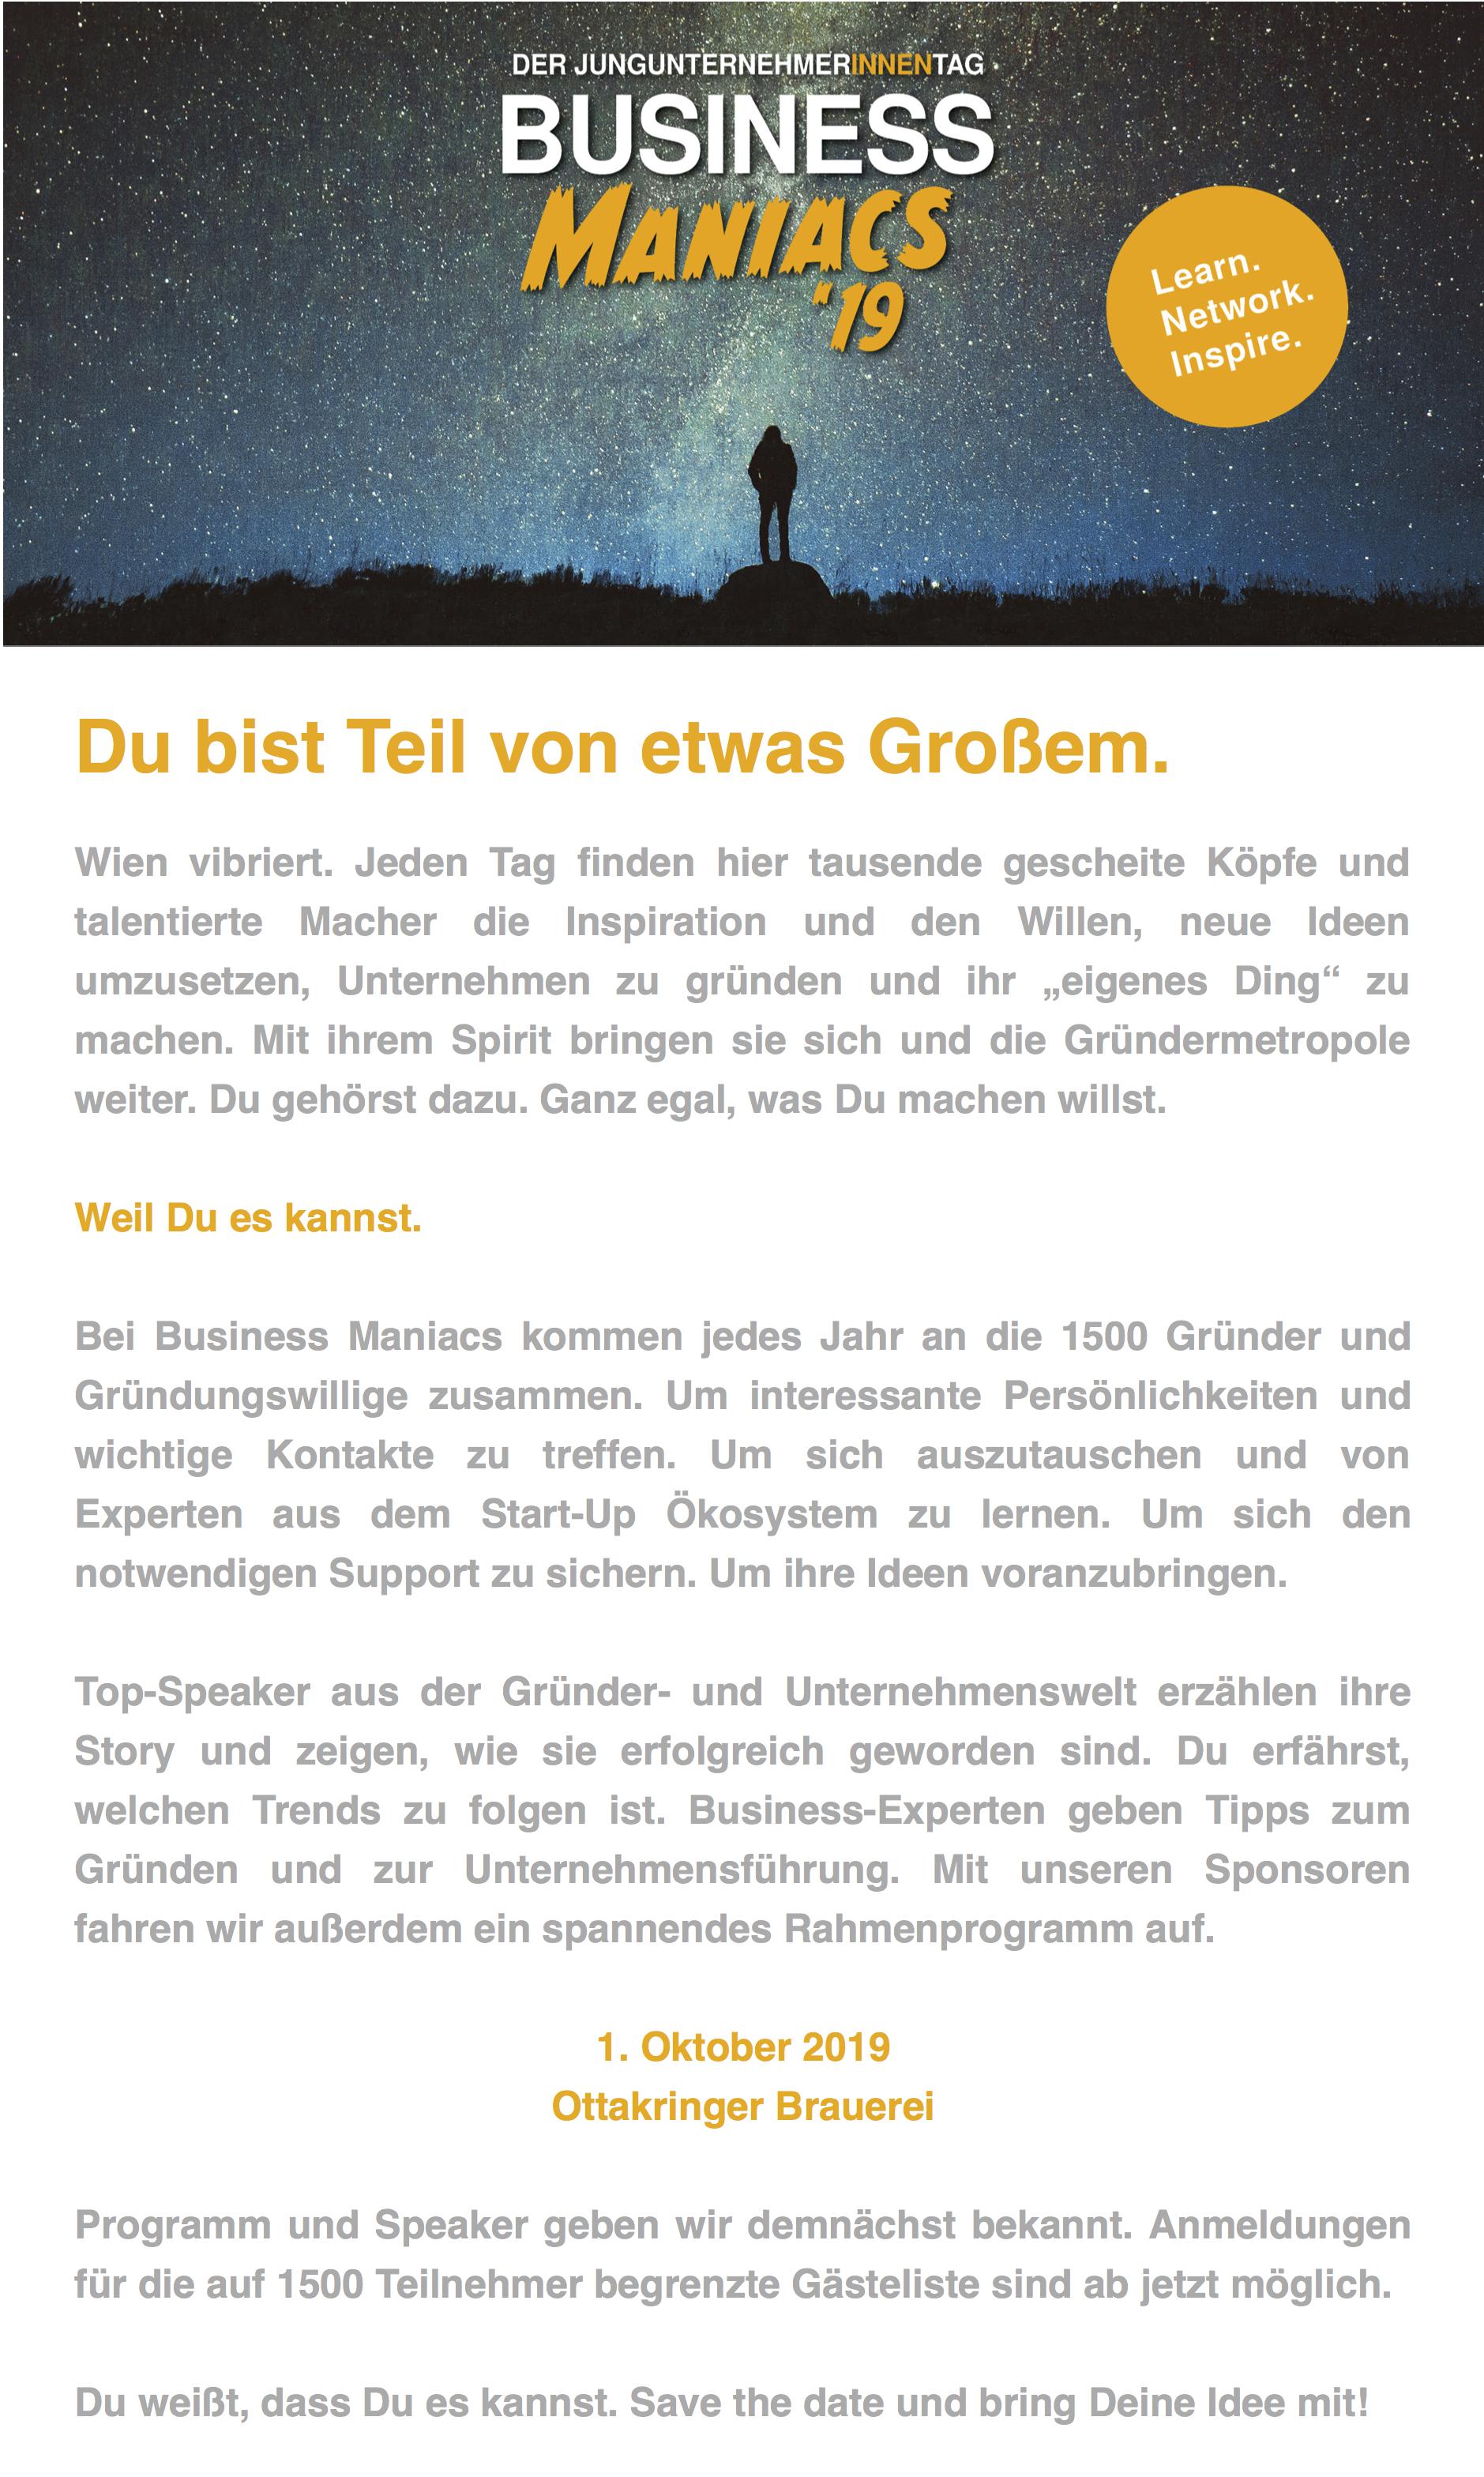 Joe Wiedemann - Newsletter for Austria's biggest founder event